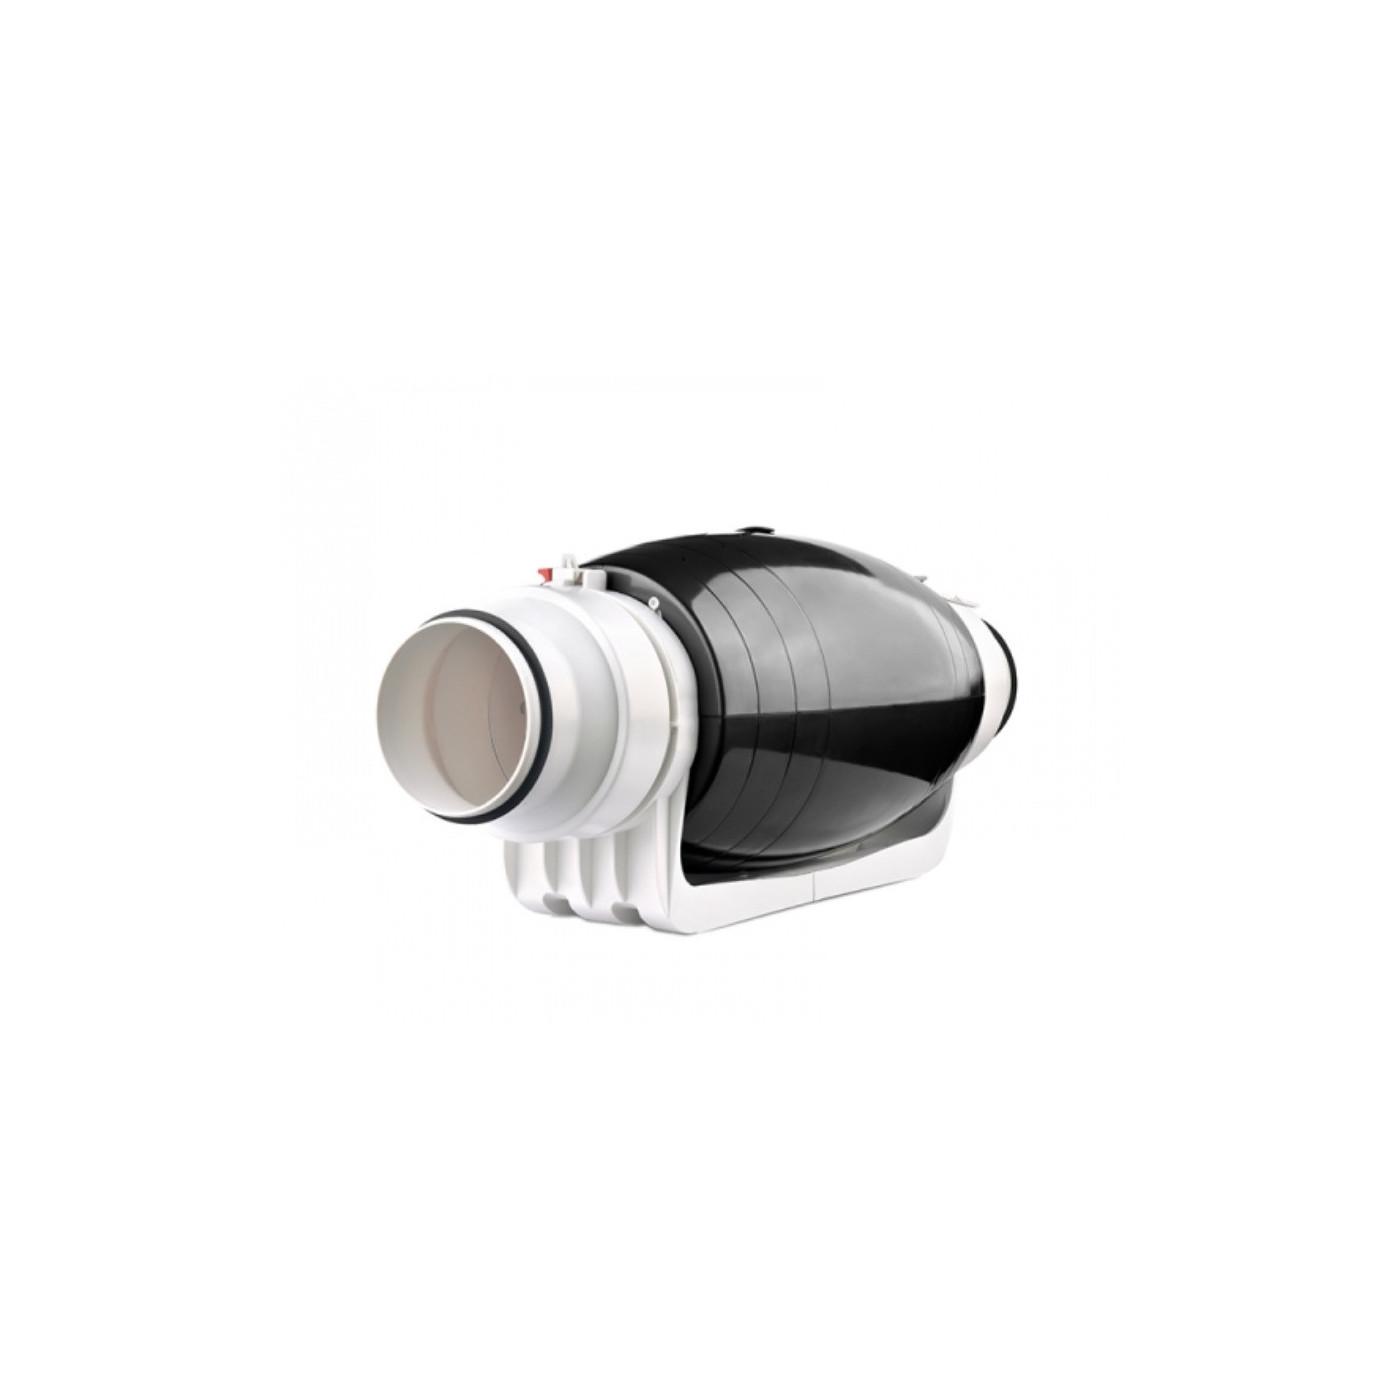 Rohrventilator DN 100 125 mm Rohrlüfter Ventilator Kanallüfter Ablüfter Kanalventilator